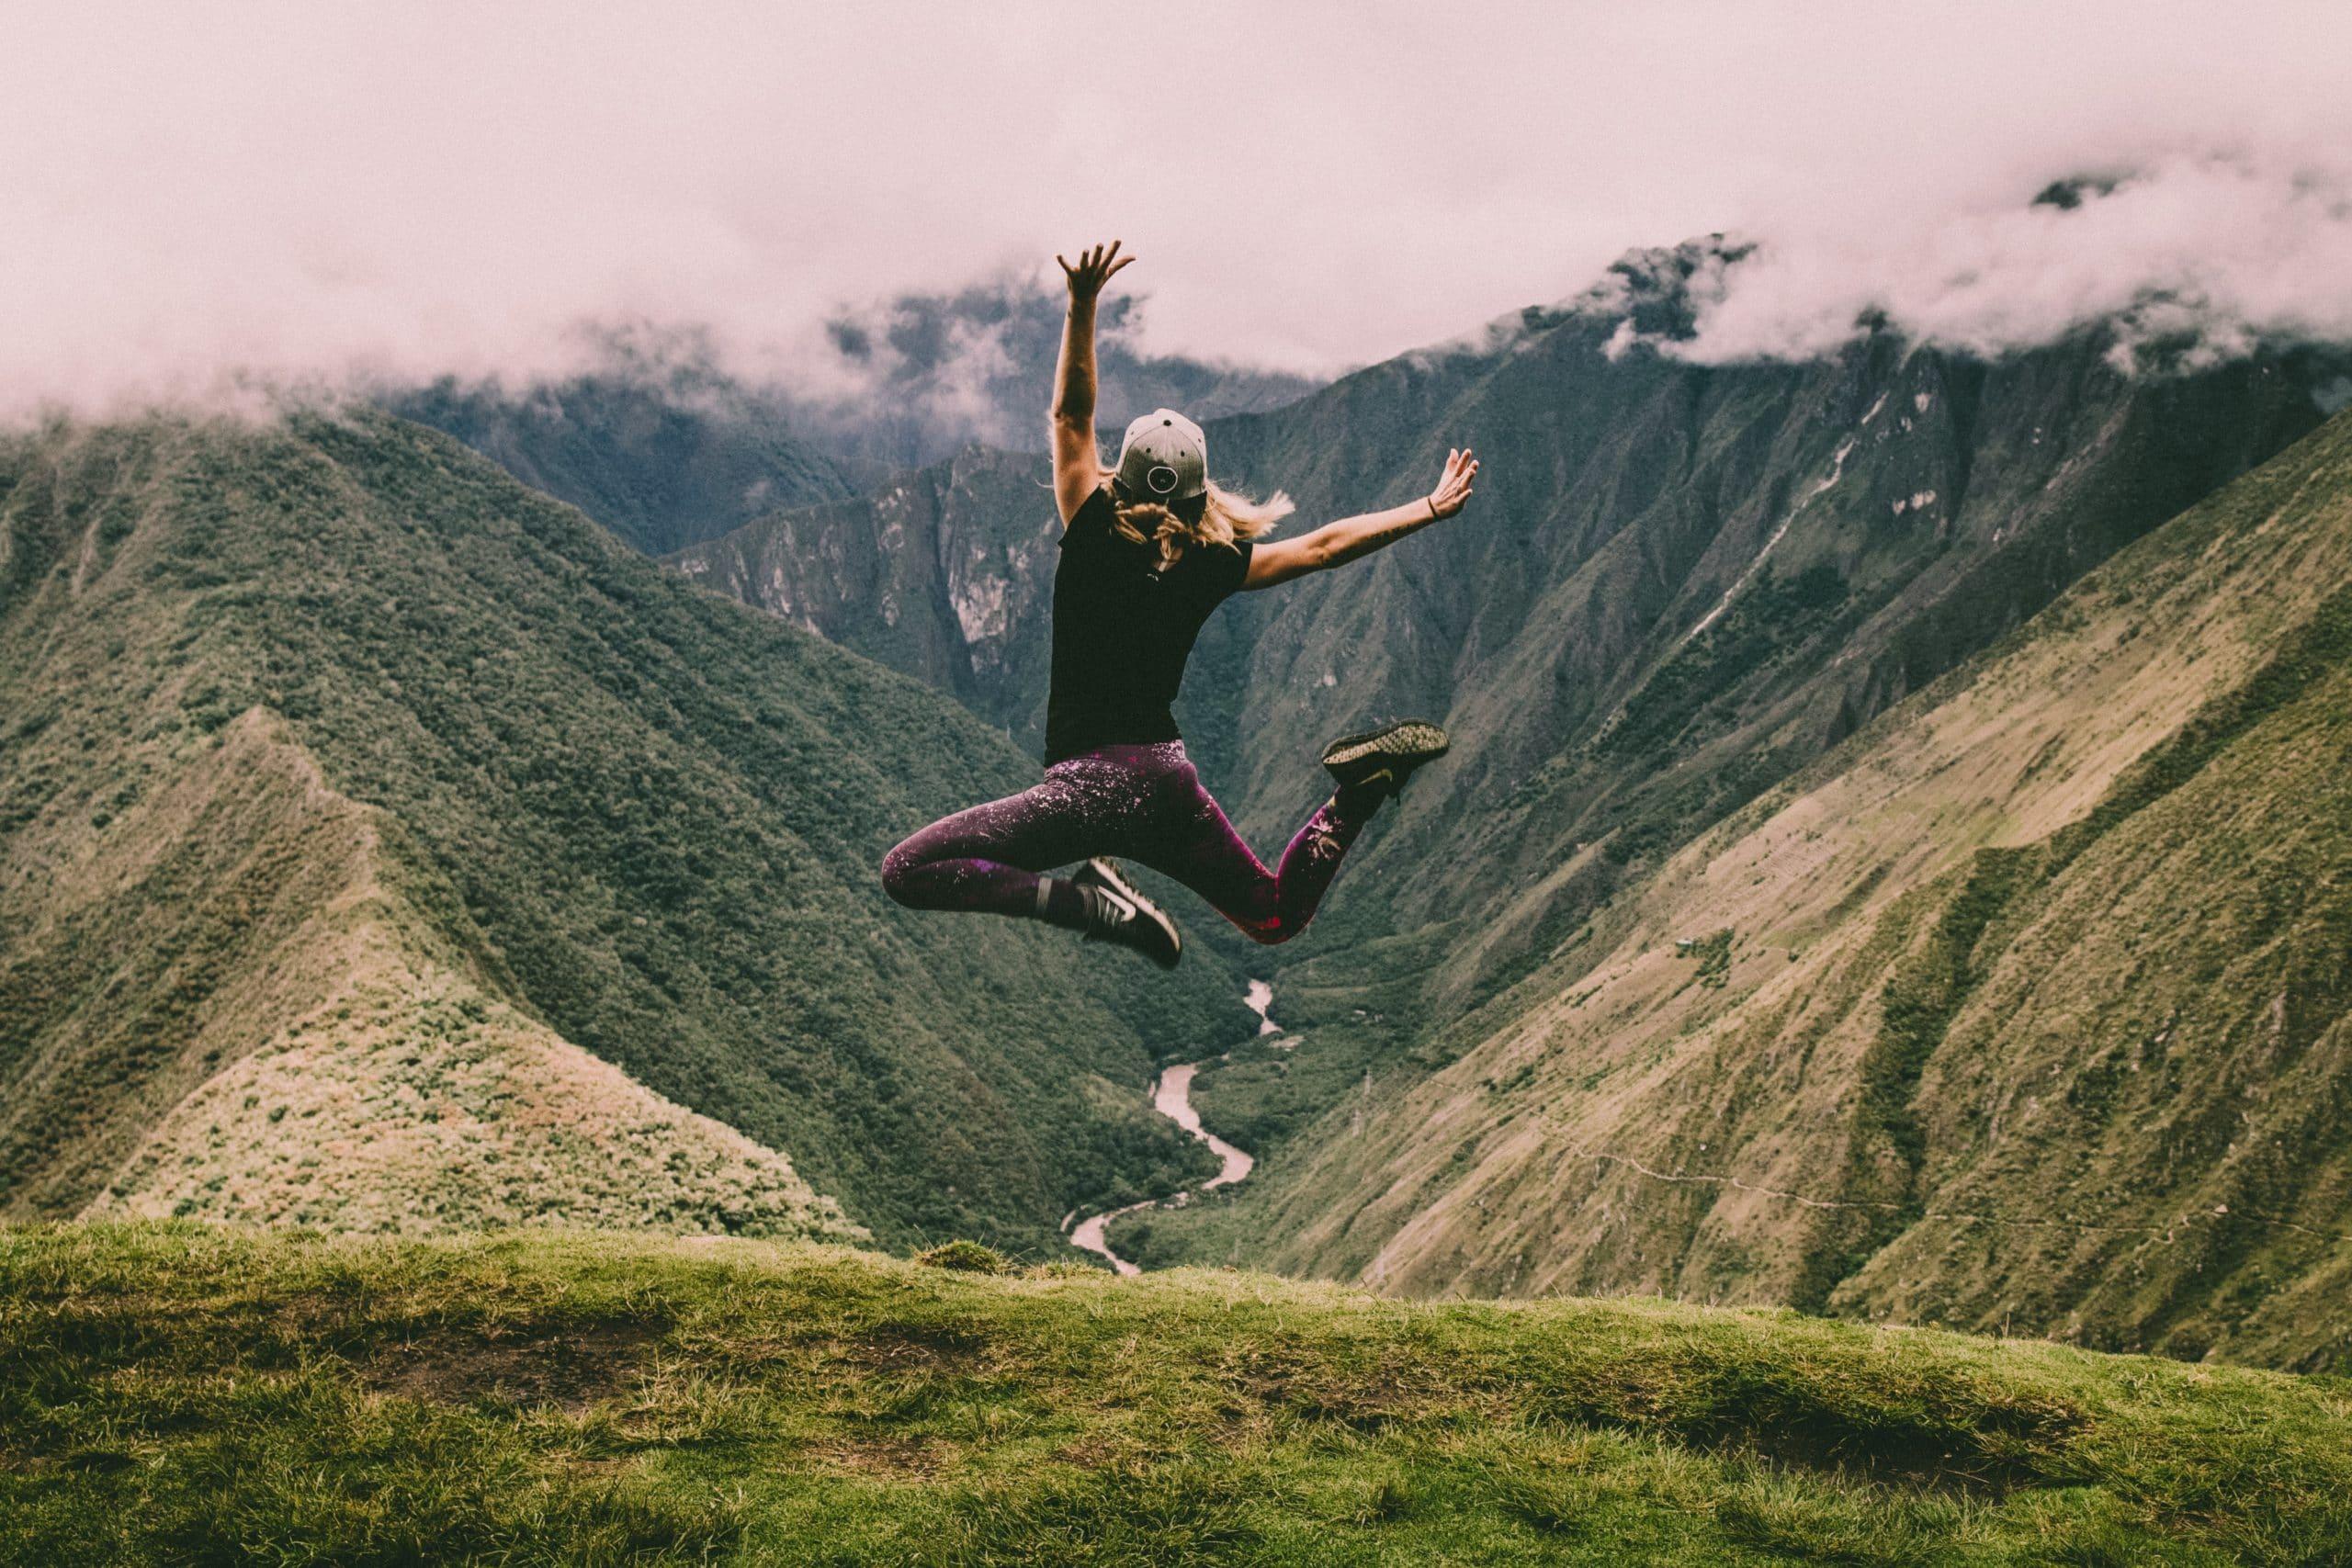 Mulher pulando no alto de montanha com montanha e céu nublado ao fundo